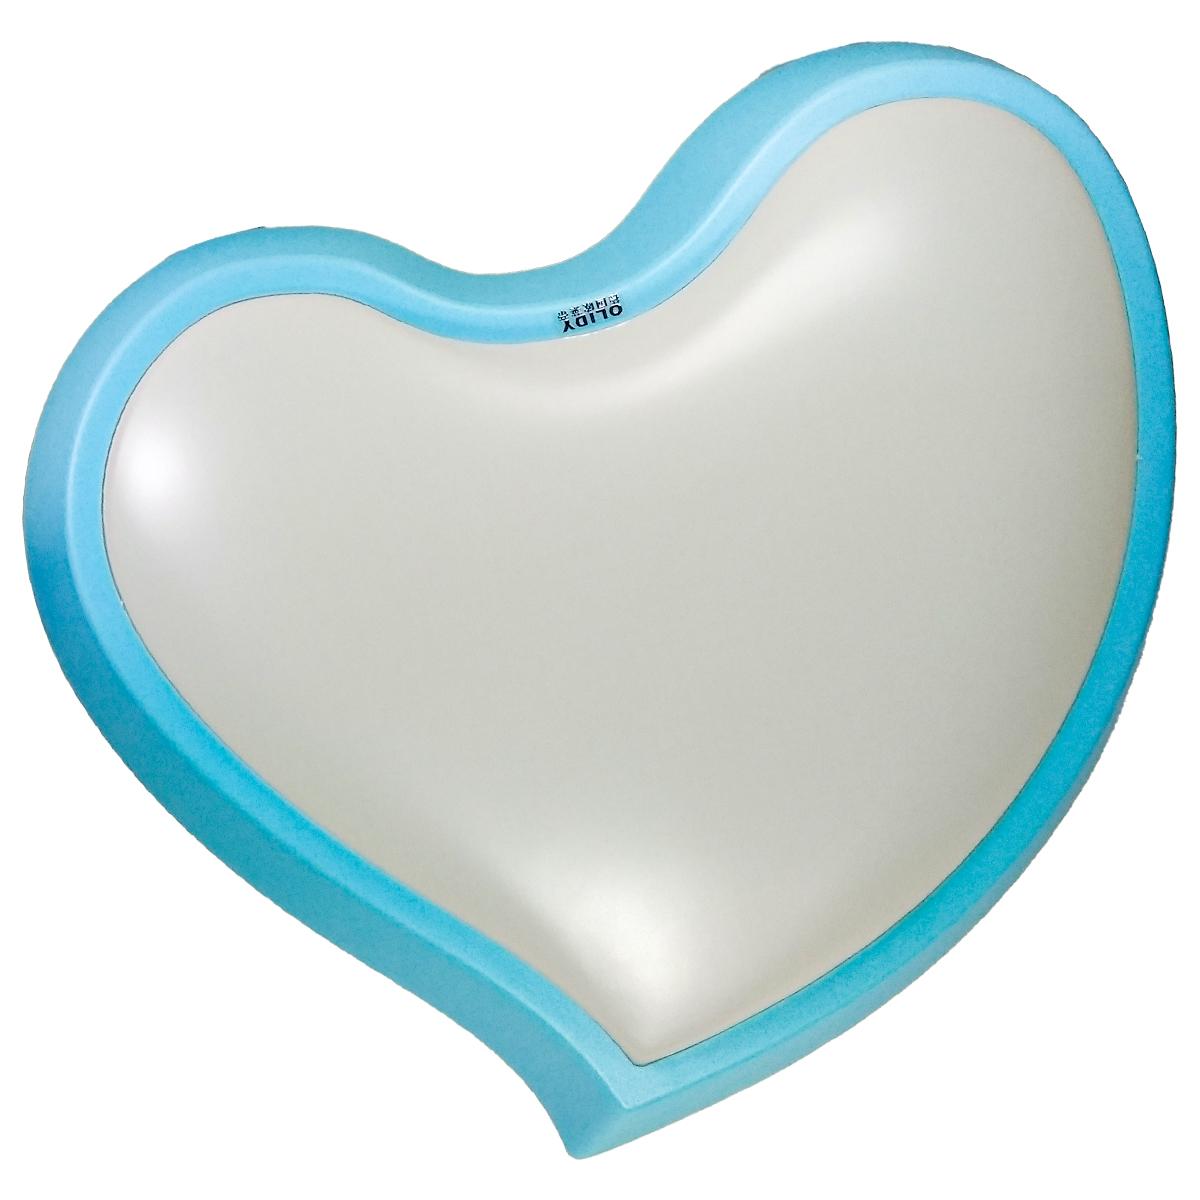 پنل 40 وات اولیدی مدل Heart کد 01